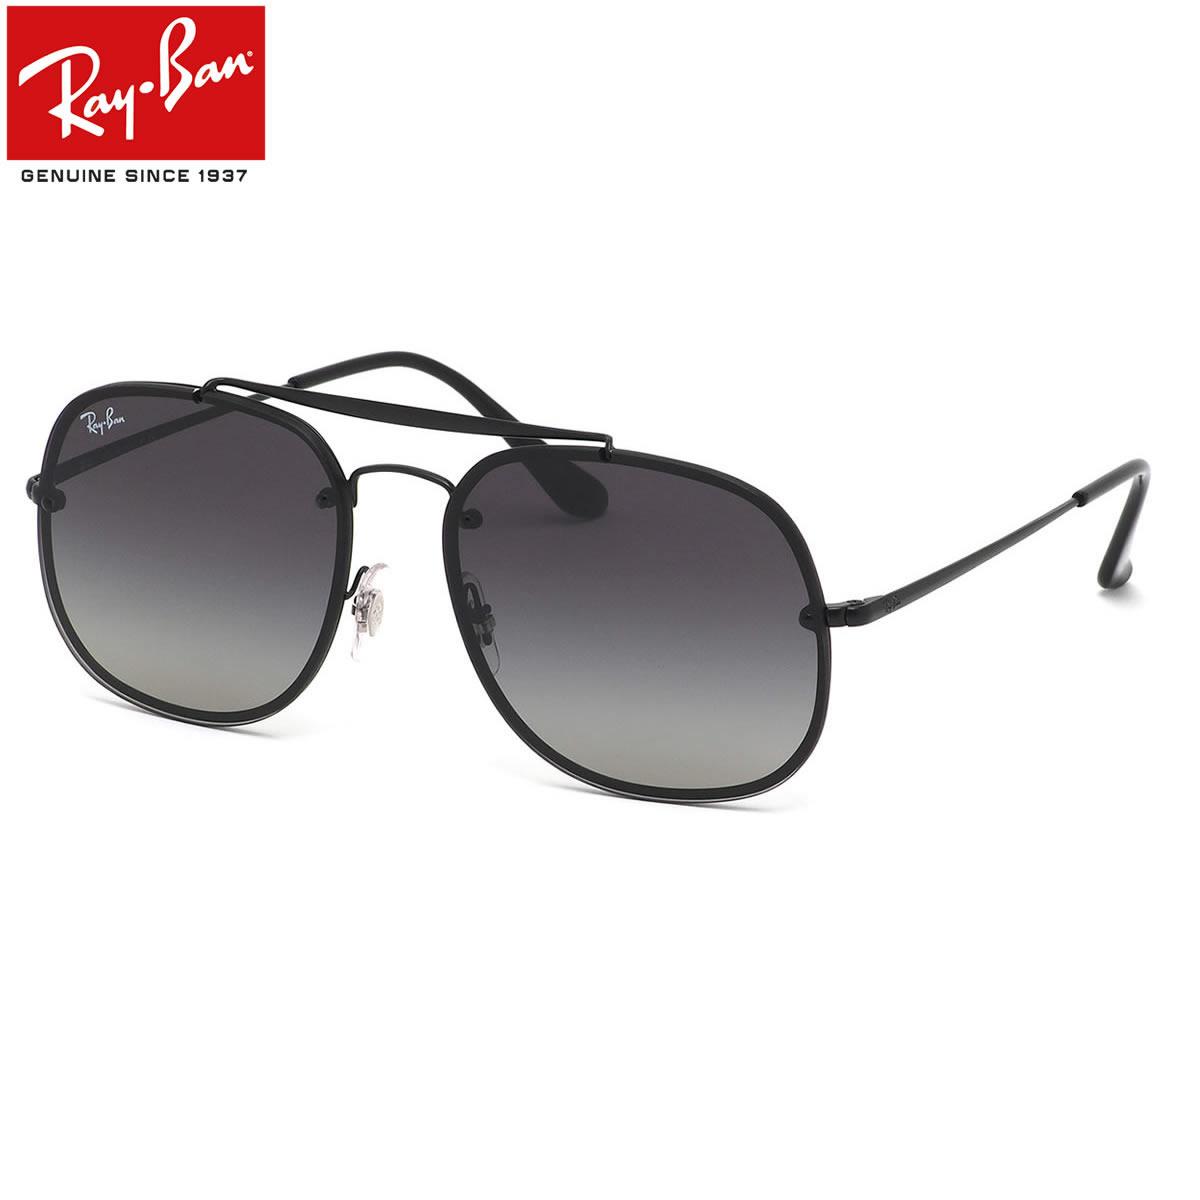 Ray-Ban レイバン サングラス RB3583N 153/11 58サイズ HIGHSTREET BLAZE THE GENERAL ハイストリート ブレイズ ザ ジェネラル ダブルブリッジ トレンド フラットレンズ レイバン RayBan メンズ レディース